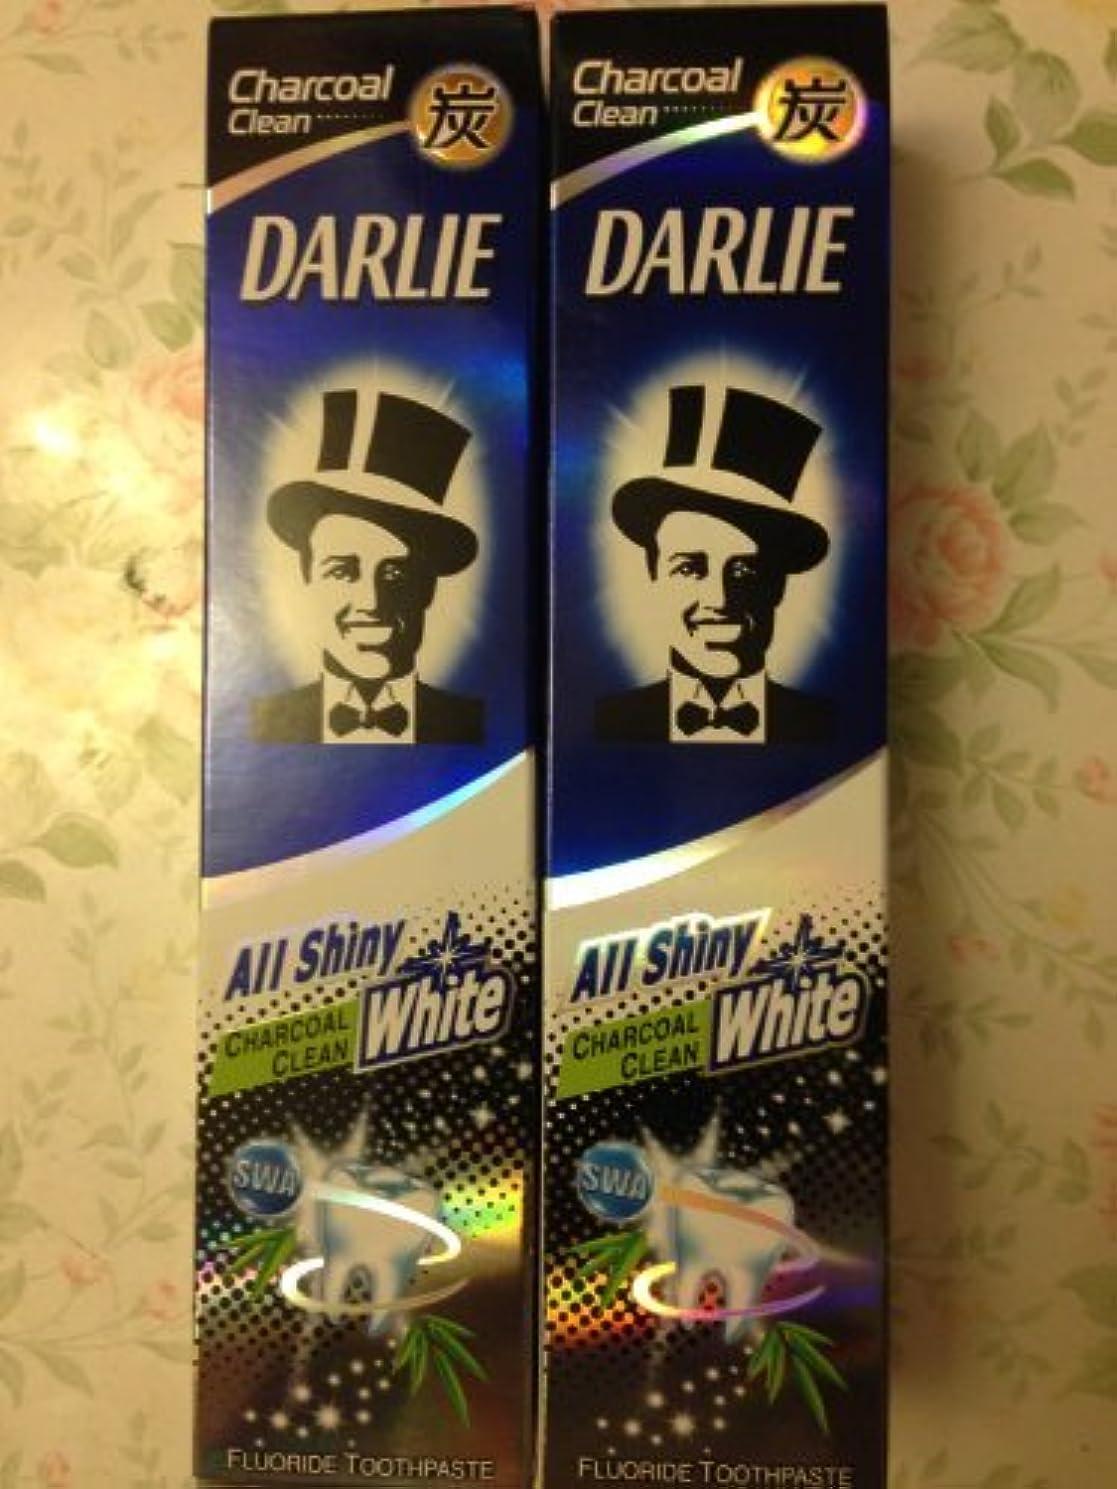 彼急襲ゴミ2 packs of Darlie Charcoal All Shiny Whitening Toothpaste by Darlie